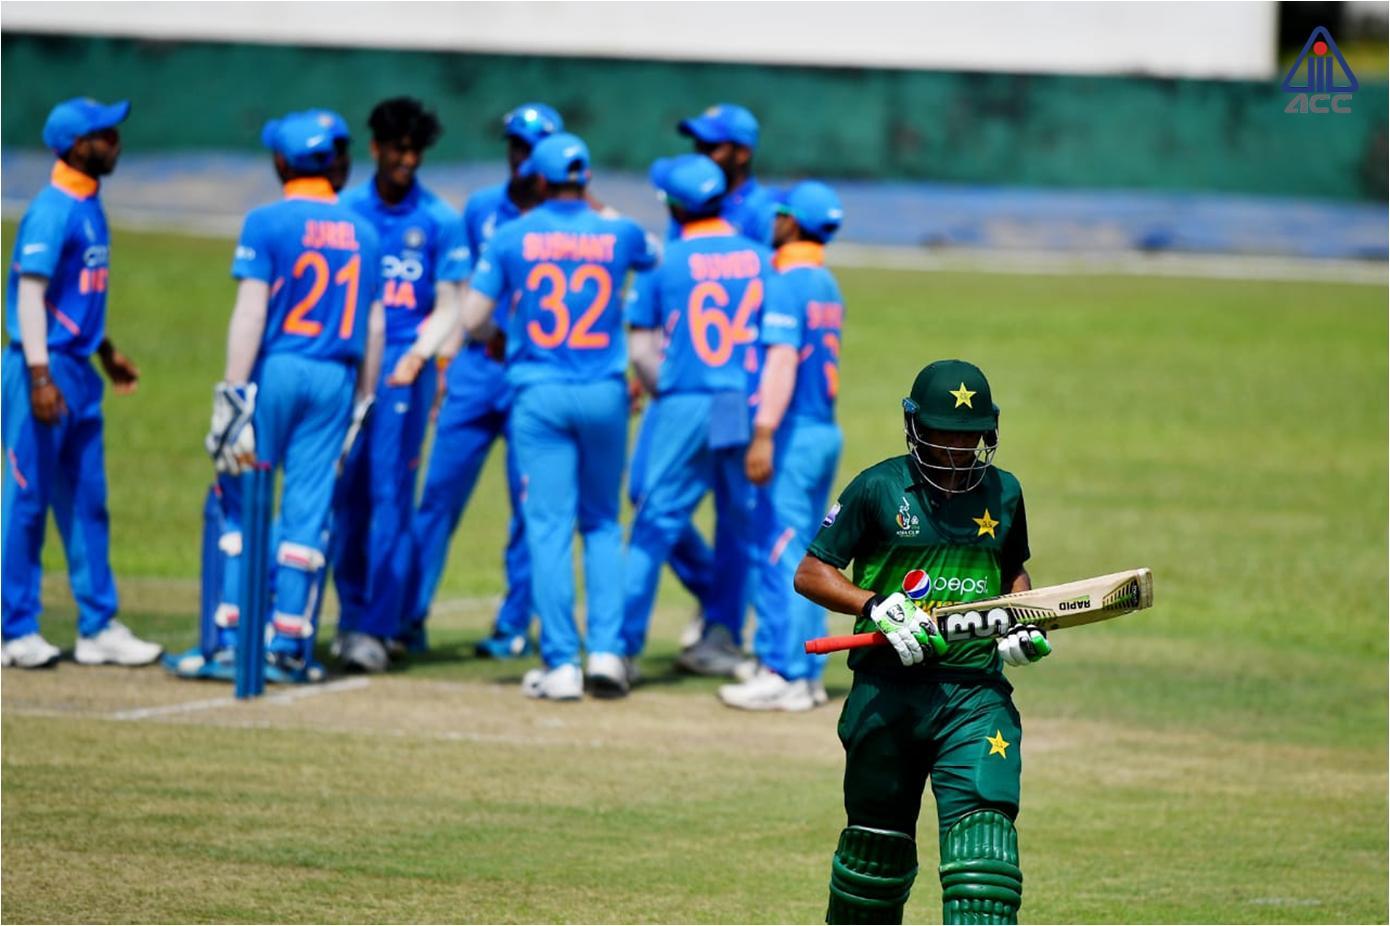 अंडर-19 एशिया कप 2019: सेमीफाइनल की टीमें हो गई पक्की, देखें शेड्यूल किस टीम से होगा भारत का मुकाबला 1